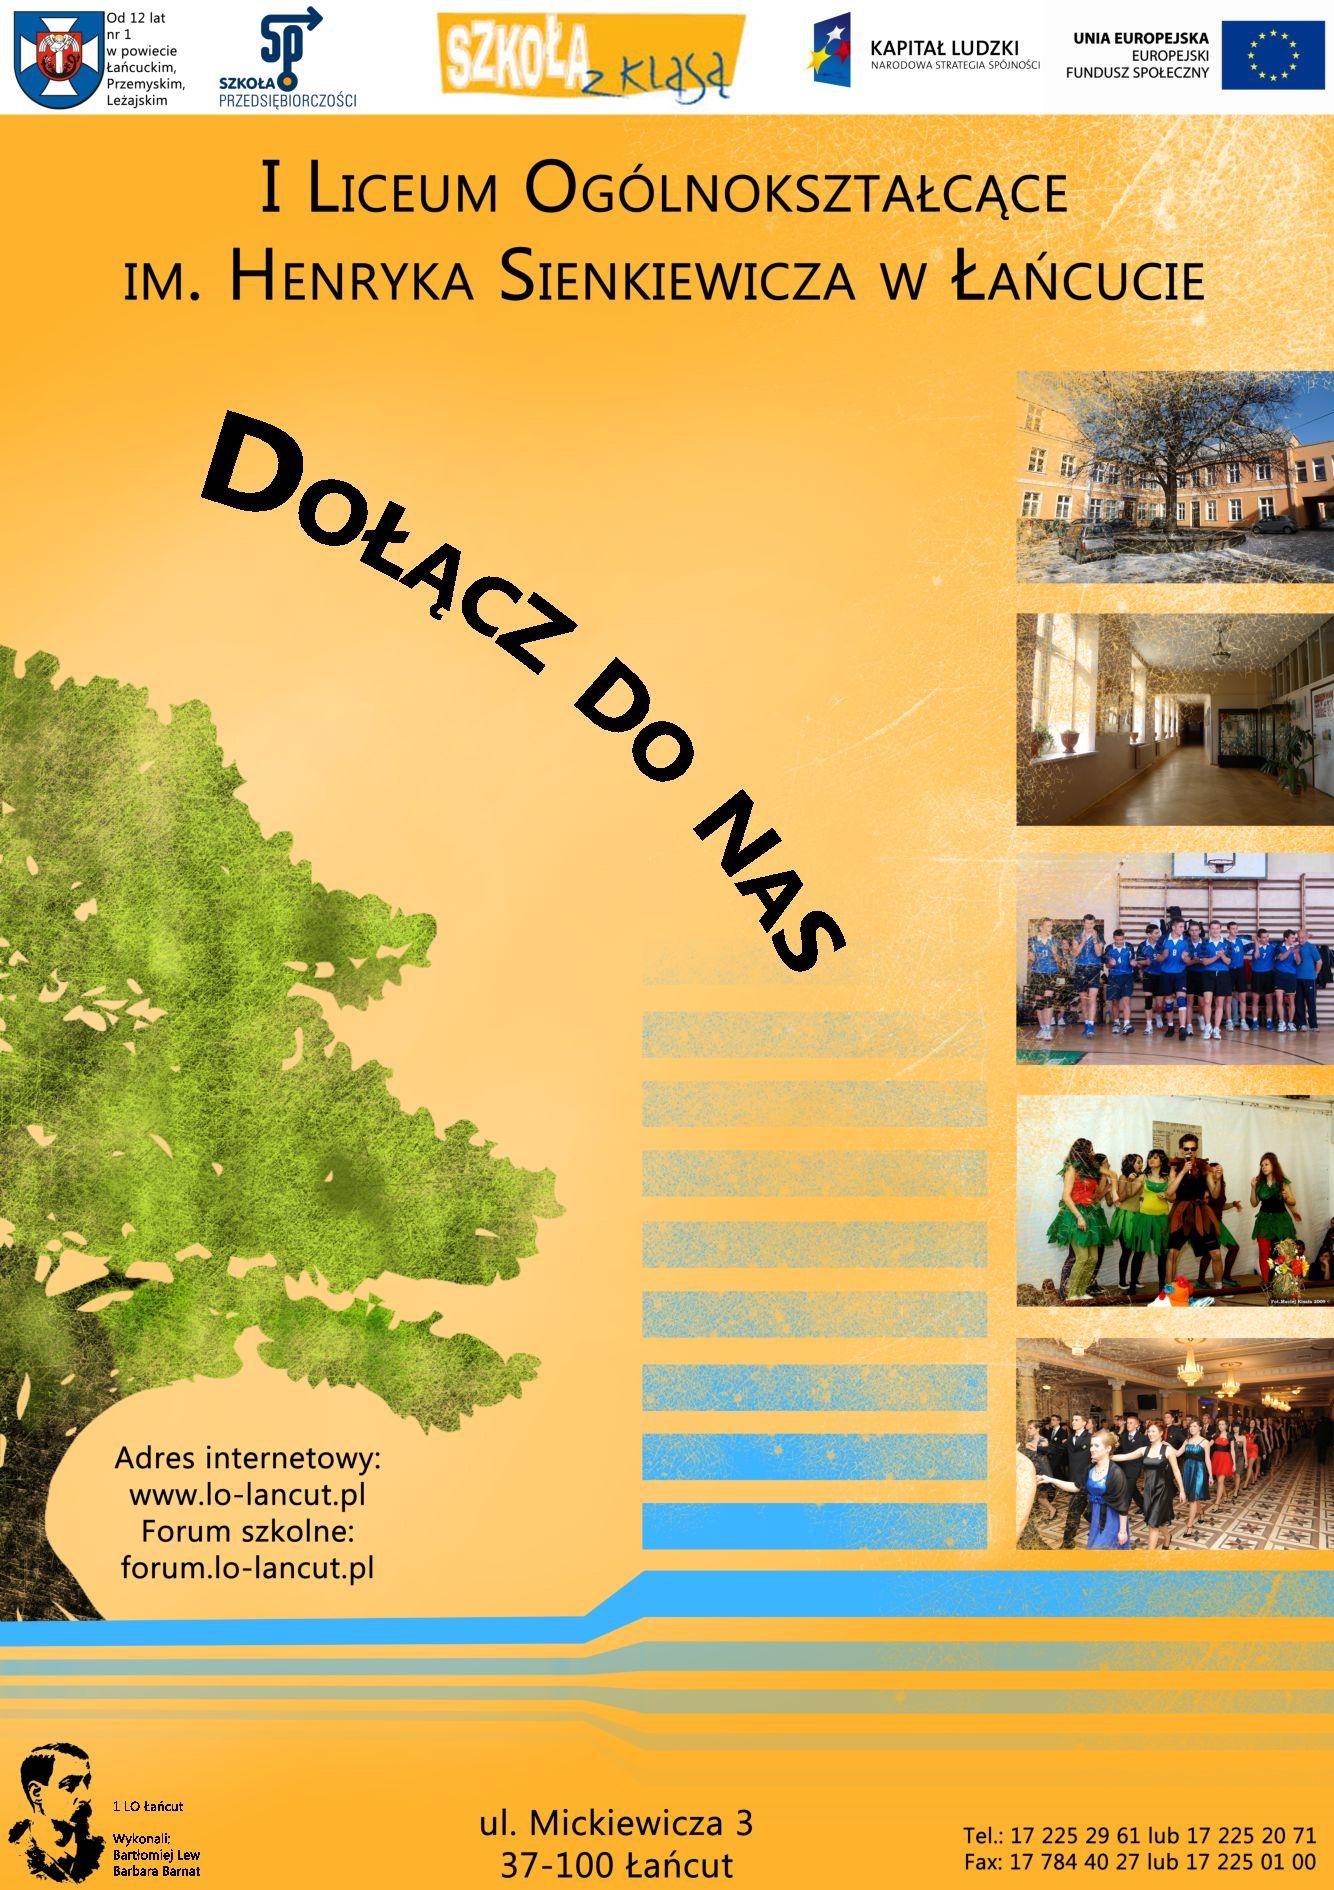 Plakaty I Ulotki Promocyjne 20112012 Oficjalna Strona 1